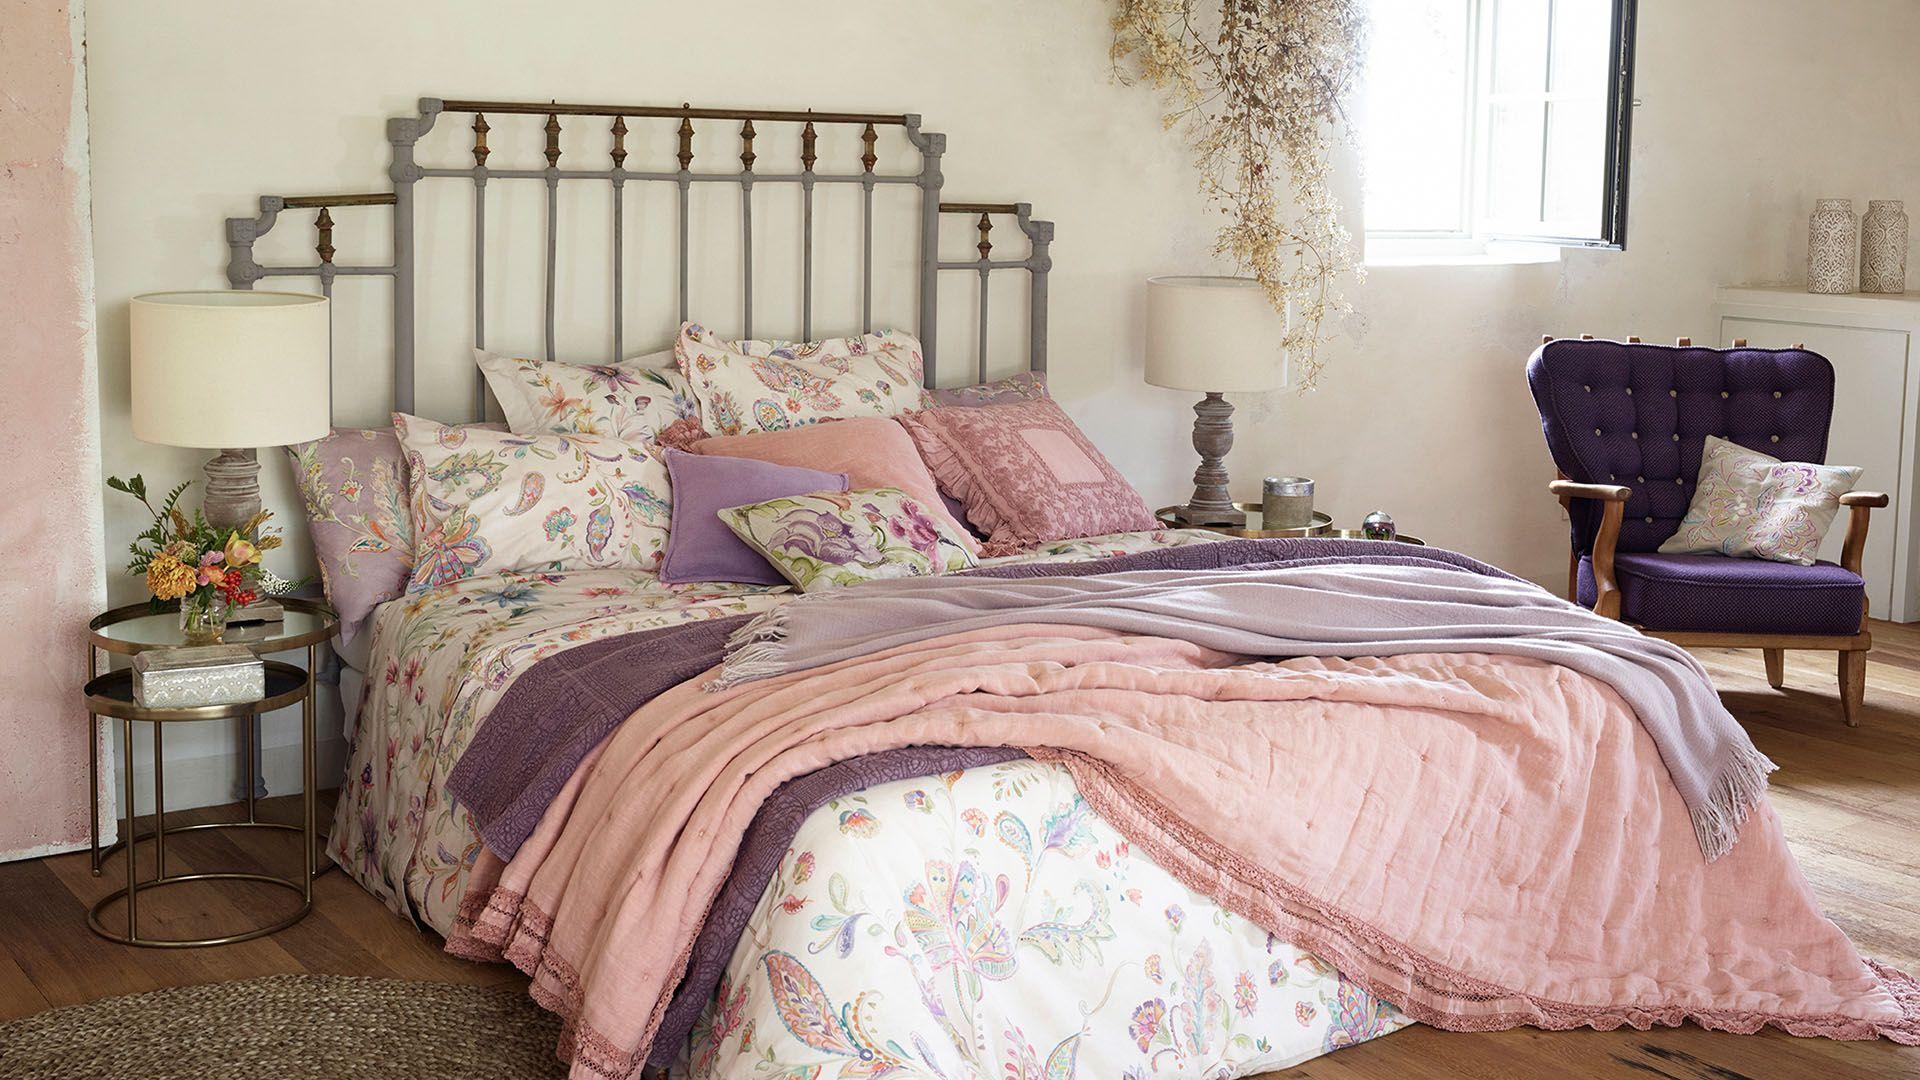 Crea ambientes acogedores con la ropa de cama, baño, mesa ...